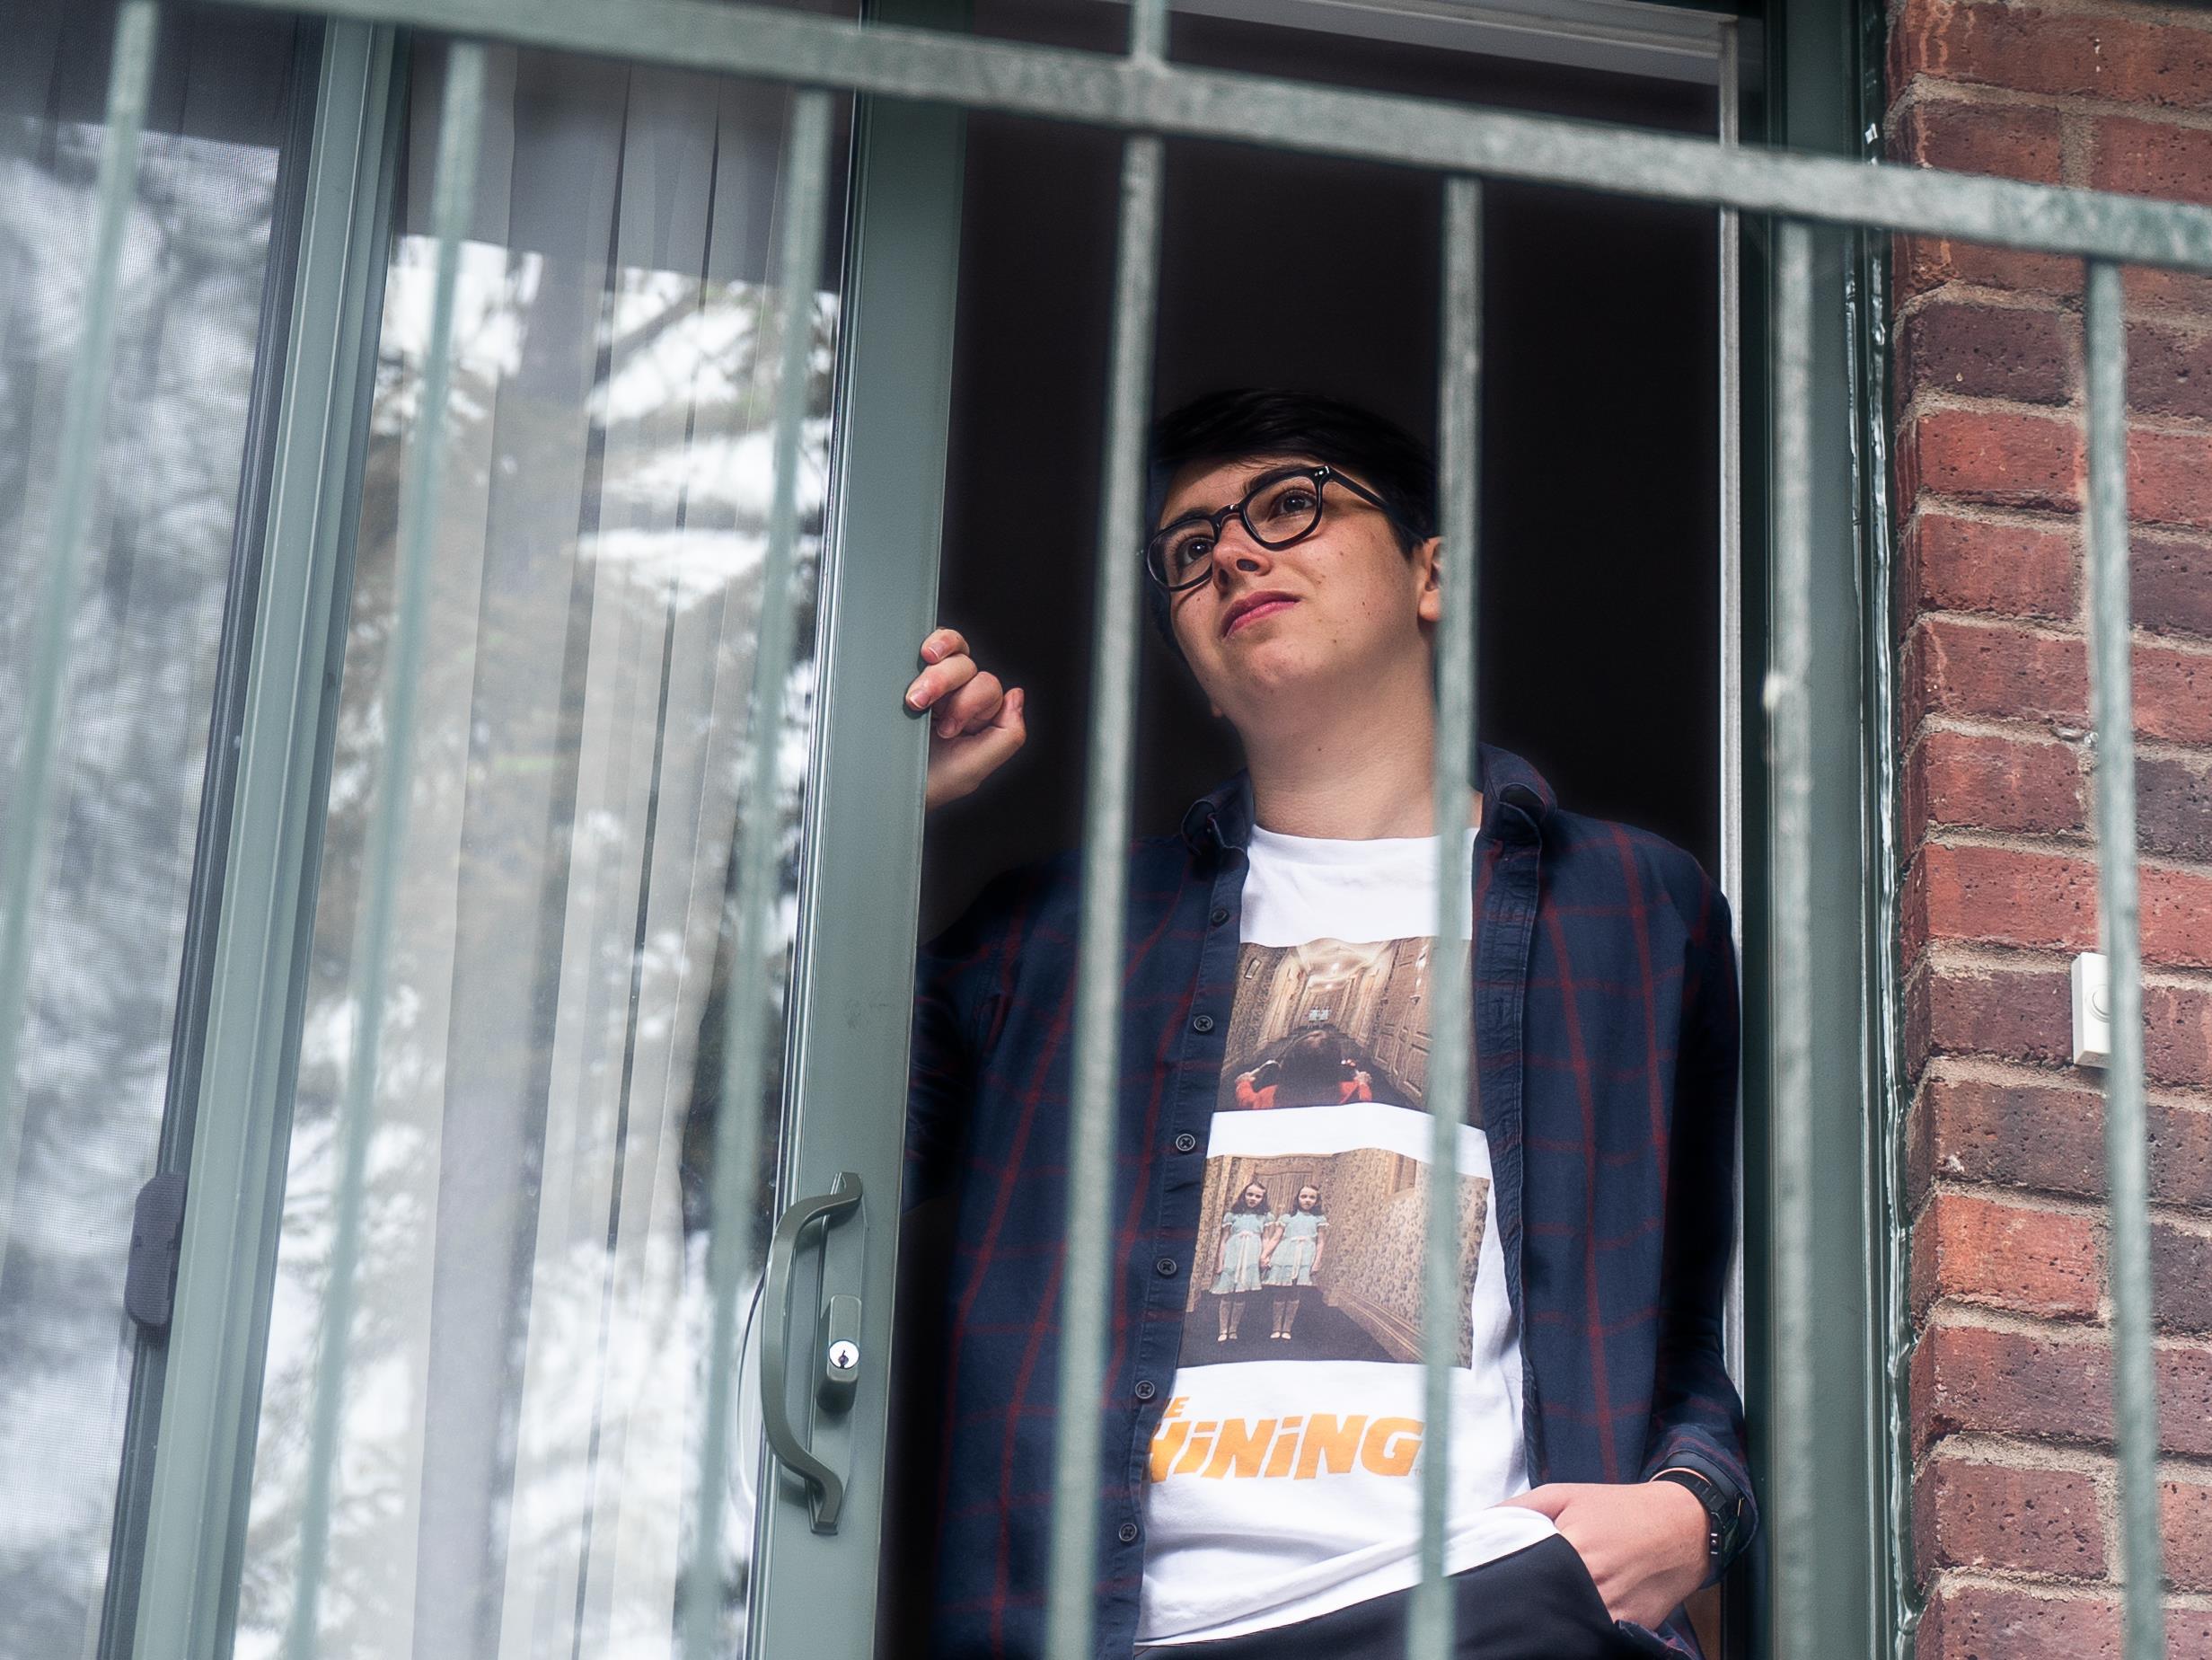 On voit Adam, debout, de face, dans l'embrasure d'une porte. Au premier plan, on voit la balustrade du balcon.